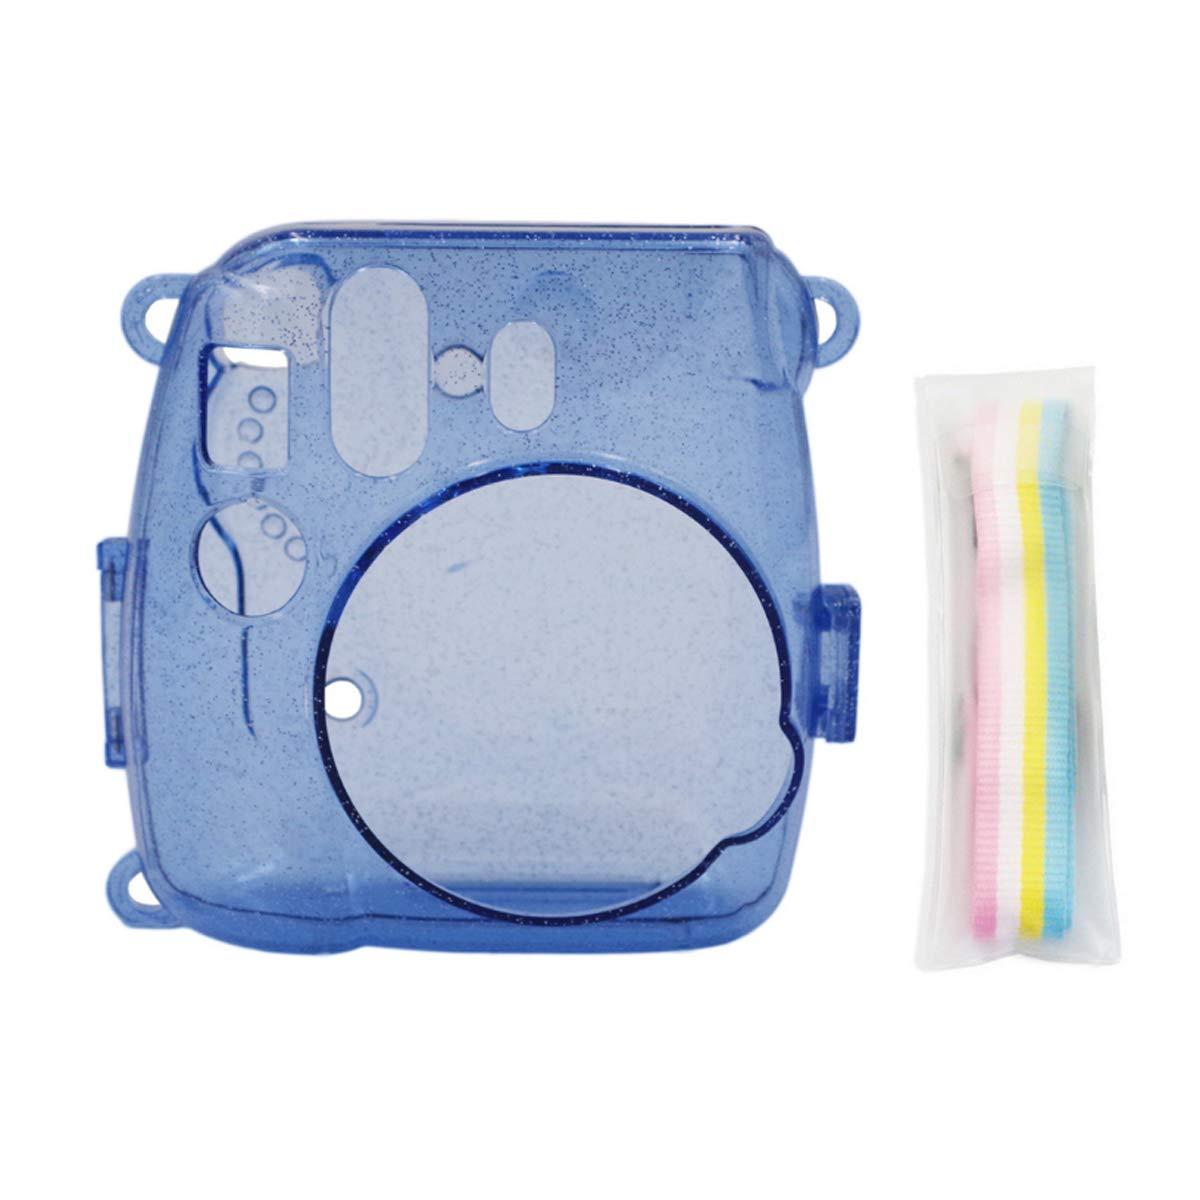 Ngaantyun グリッタークリスタルケース Fujifilm Instax Mini 9/8/8+ インスタントフィルムカメラ用 調節可能なストラップ付き ブルー B07P9PVS5N